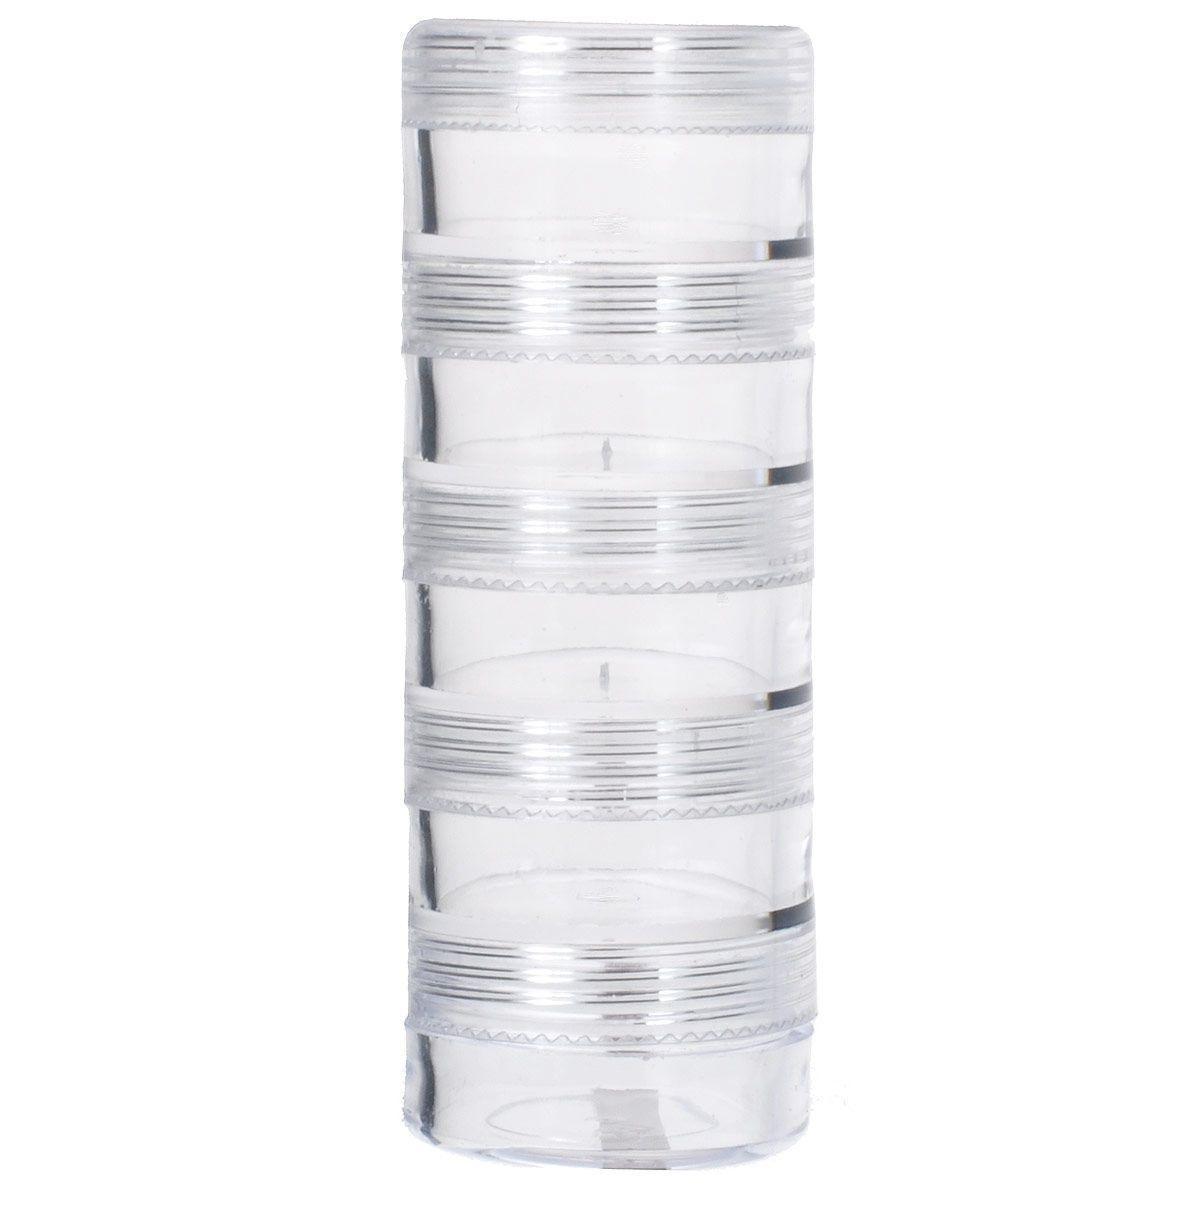 Контейнер для бисера Hobby & Pro, 6 секций7700462Коробка для бисера, изготовленная из прозрачного пластика. В ней можно хранить мелкие предметы для рукоделия, например, бисер, блестки, стразы или пайетки. Изделие плотно закрывает прозрачной крышкой. Такая коробка поможет держать вещи в порядке.